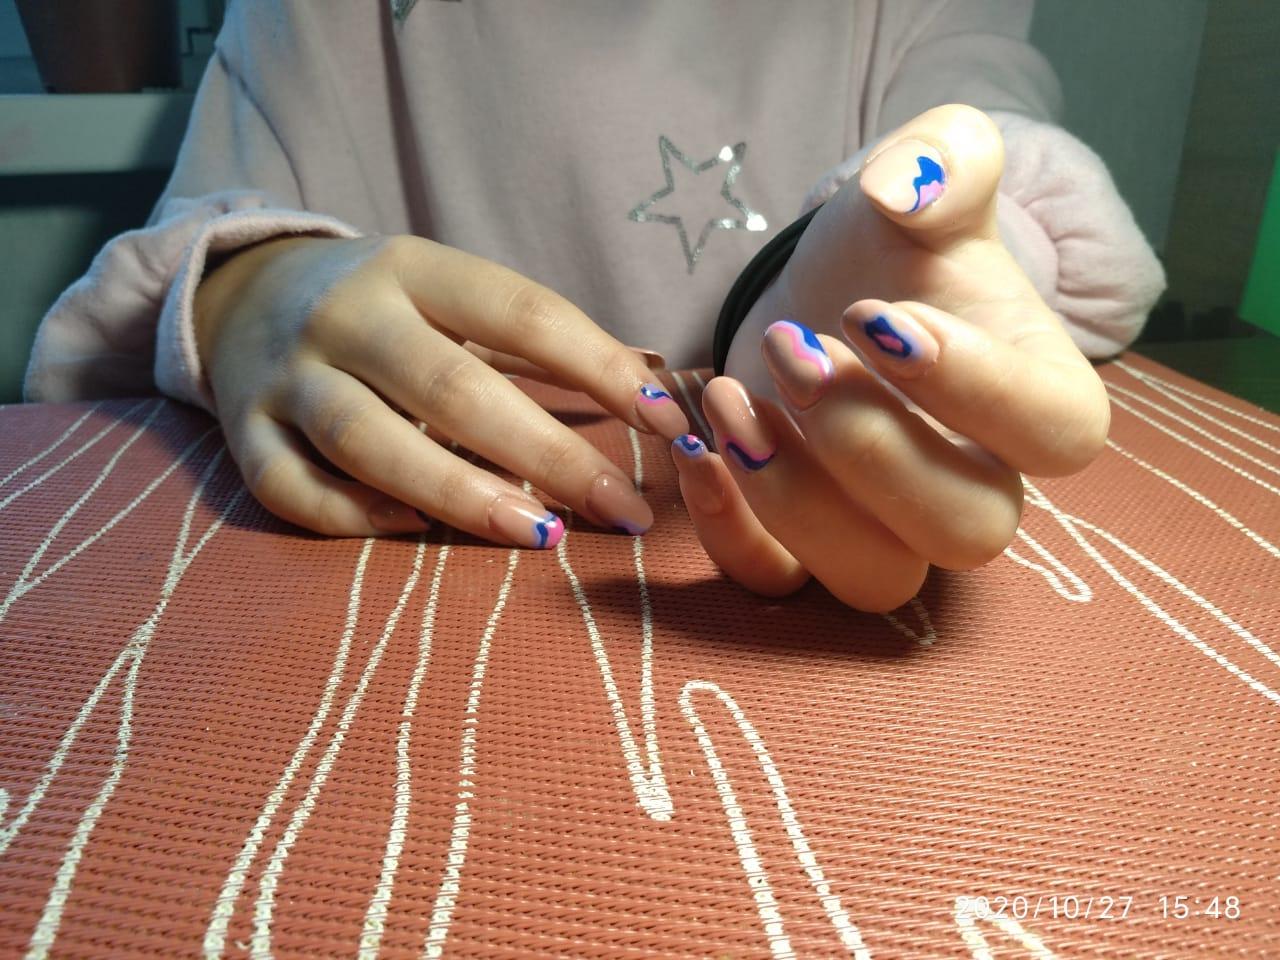 Бежевое покрытие с абстрактными волнами + укрепление натуральных ногтей акриловой пудрой